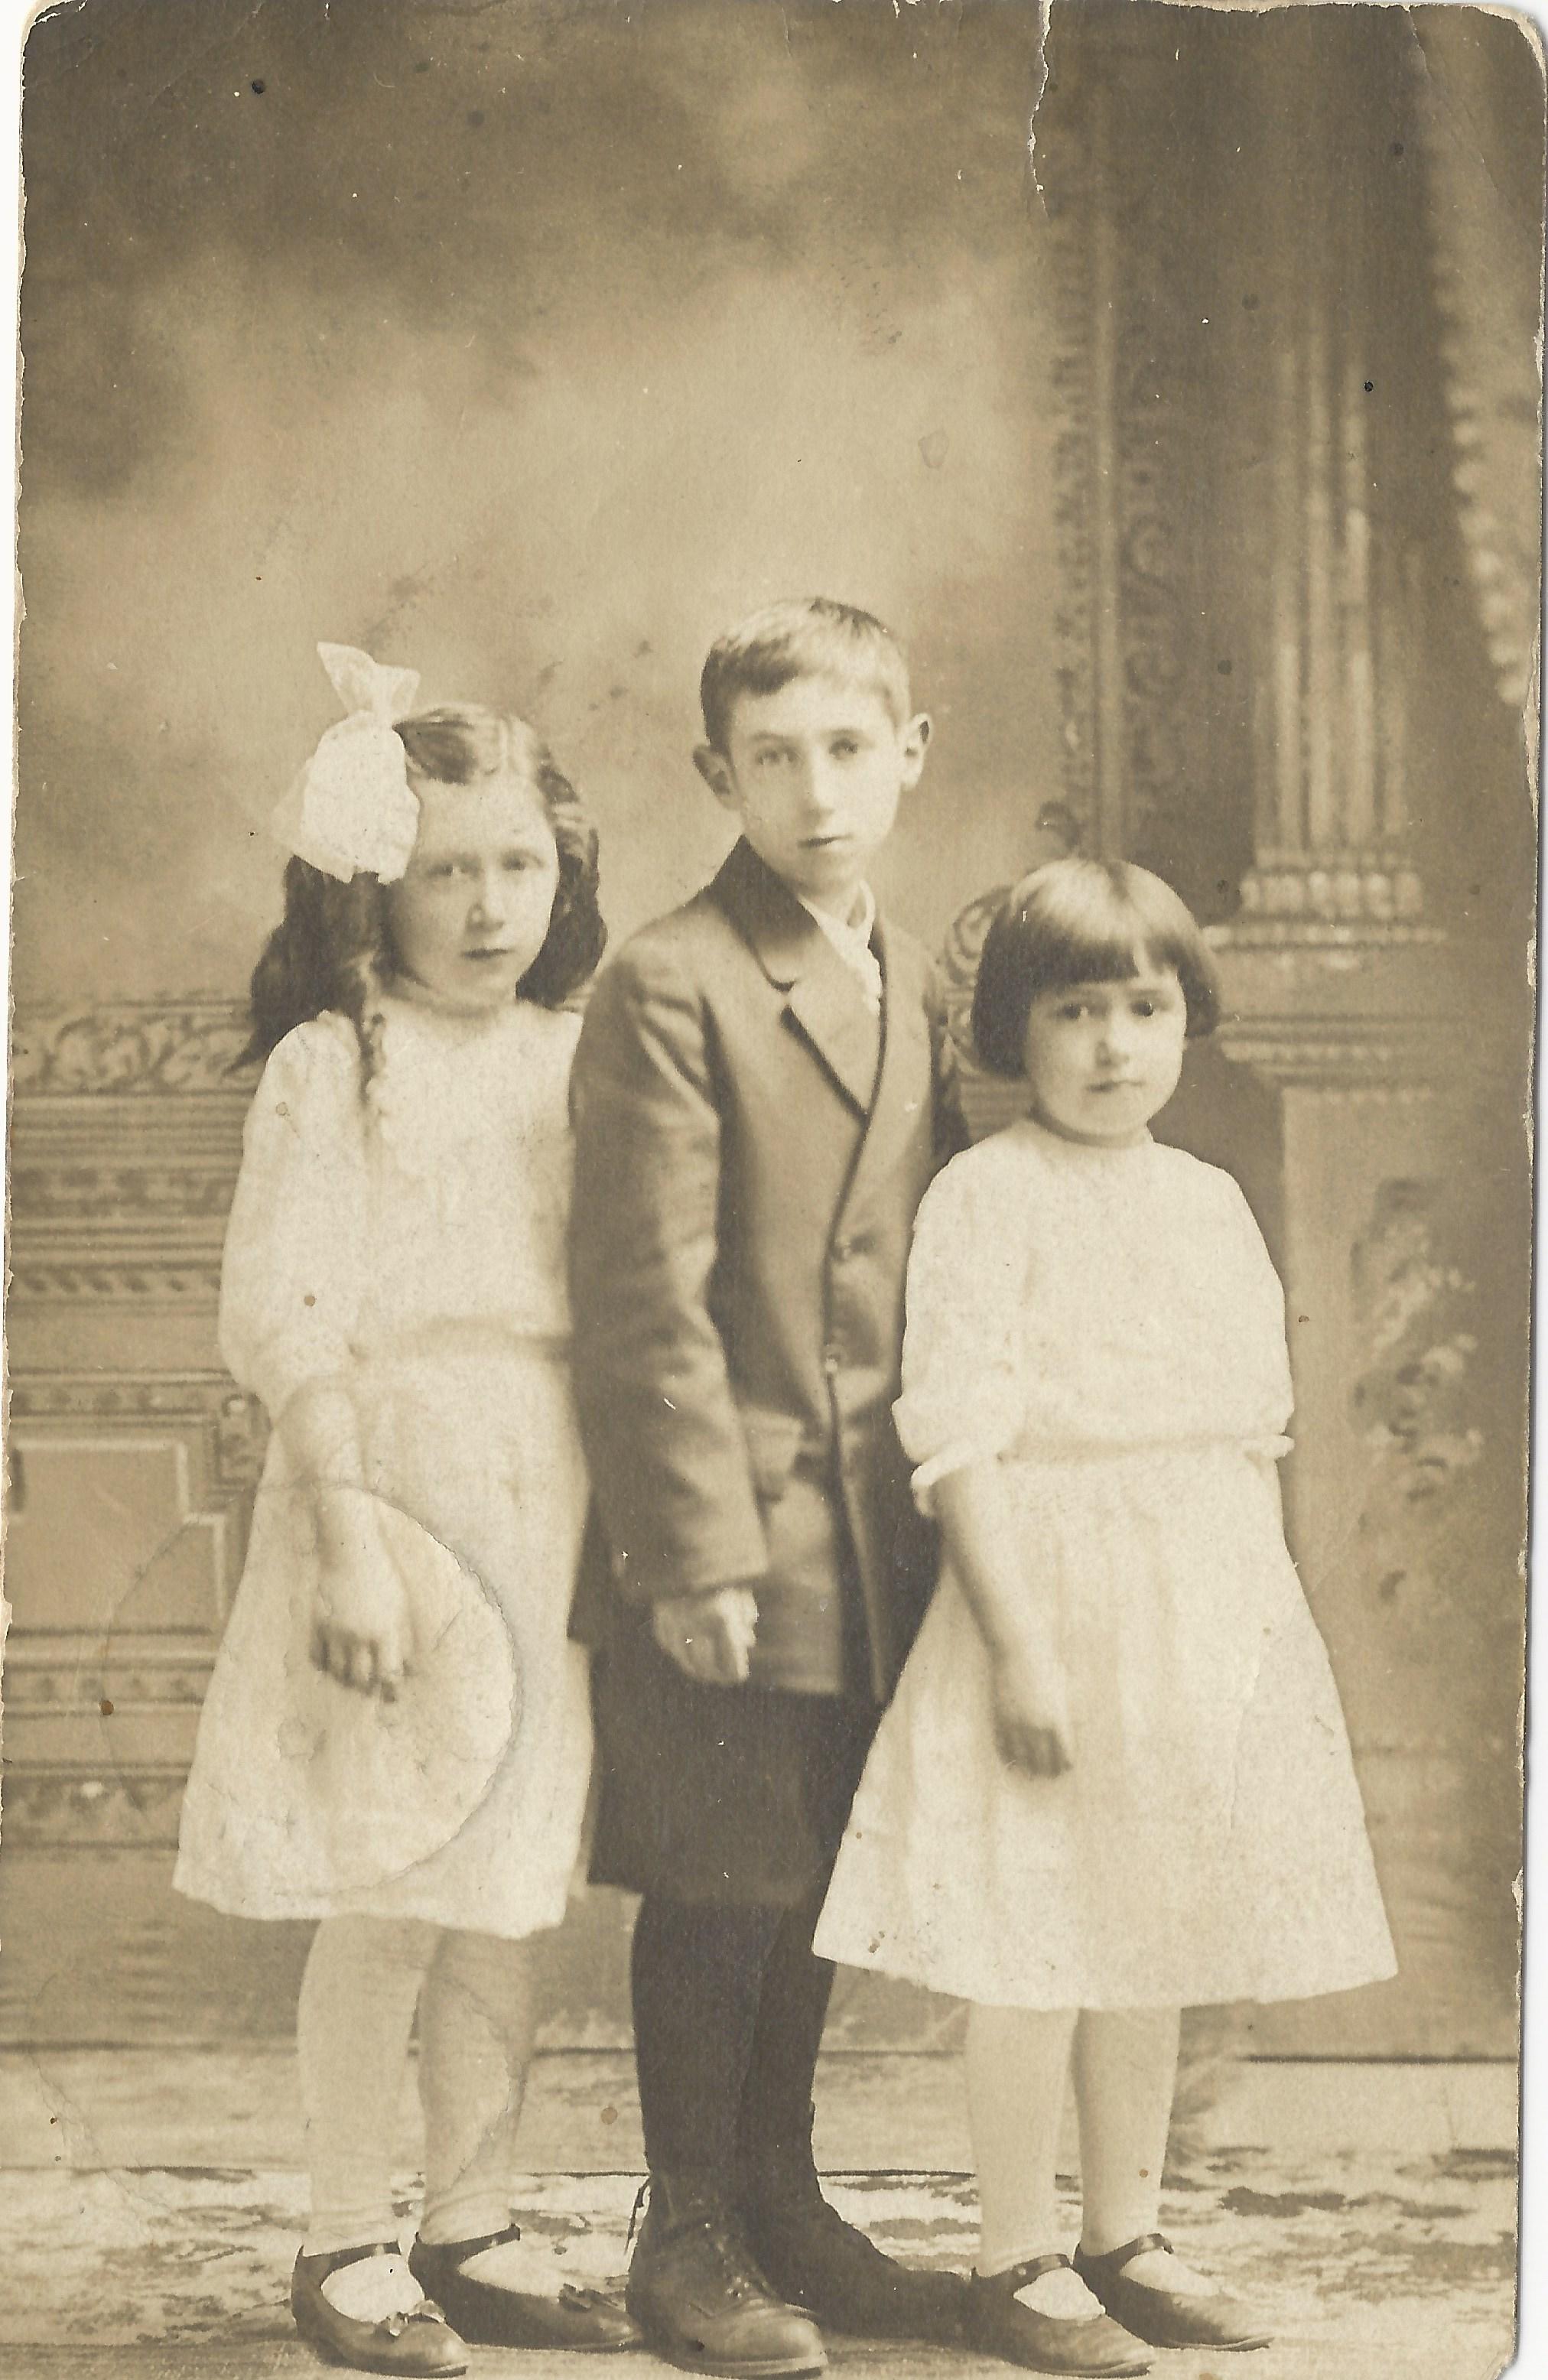 La famille de Cécile Gagnon, vers 1908. Blanche, Hubert et Lilly. John Fils demeure alors chez sa grand-mère Elisabeth à Massena, NY.